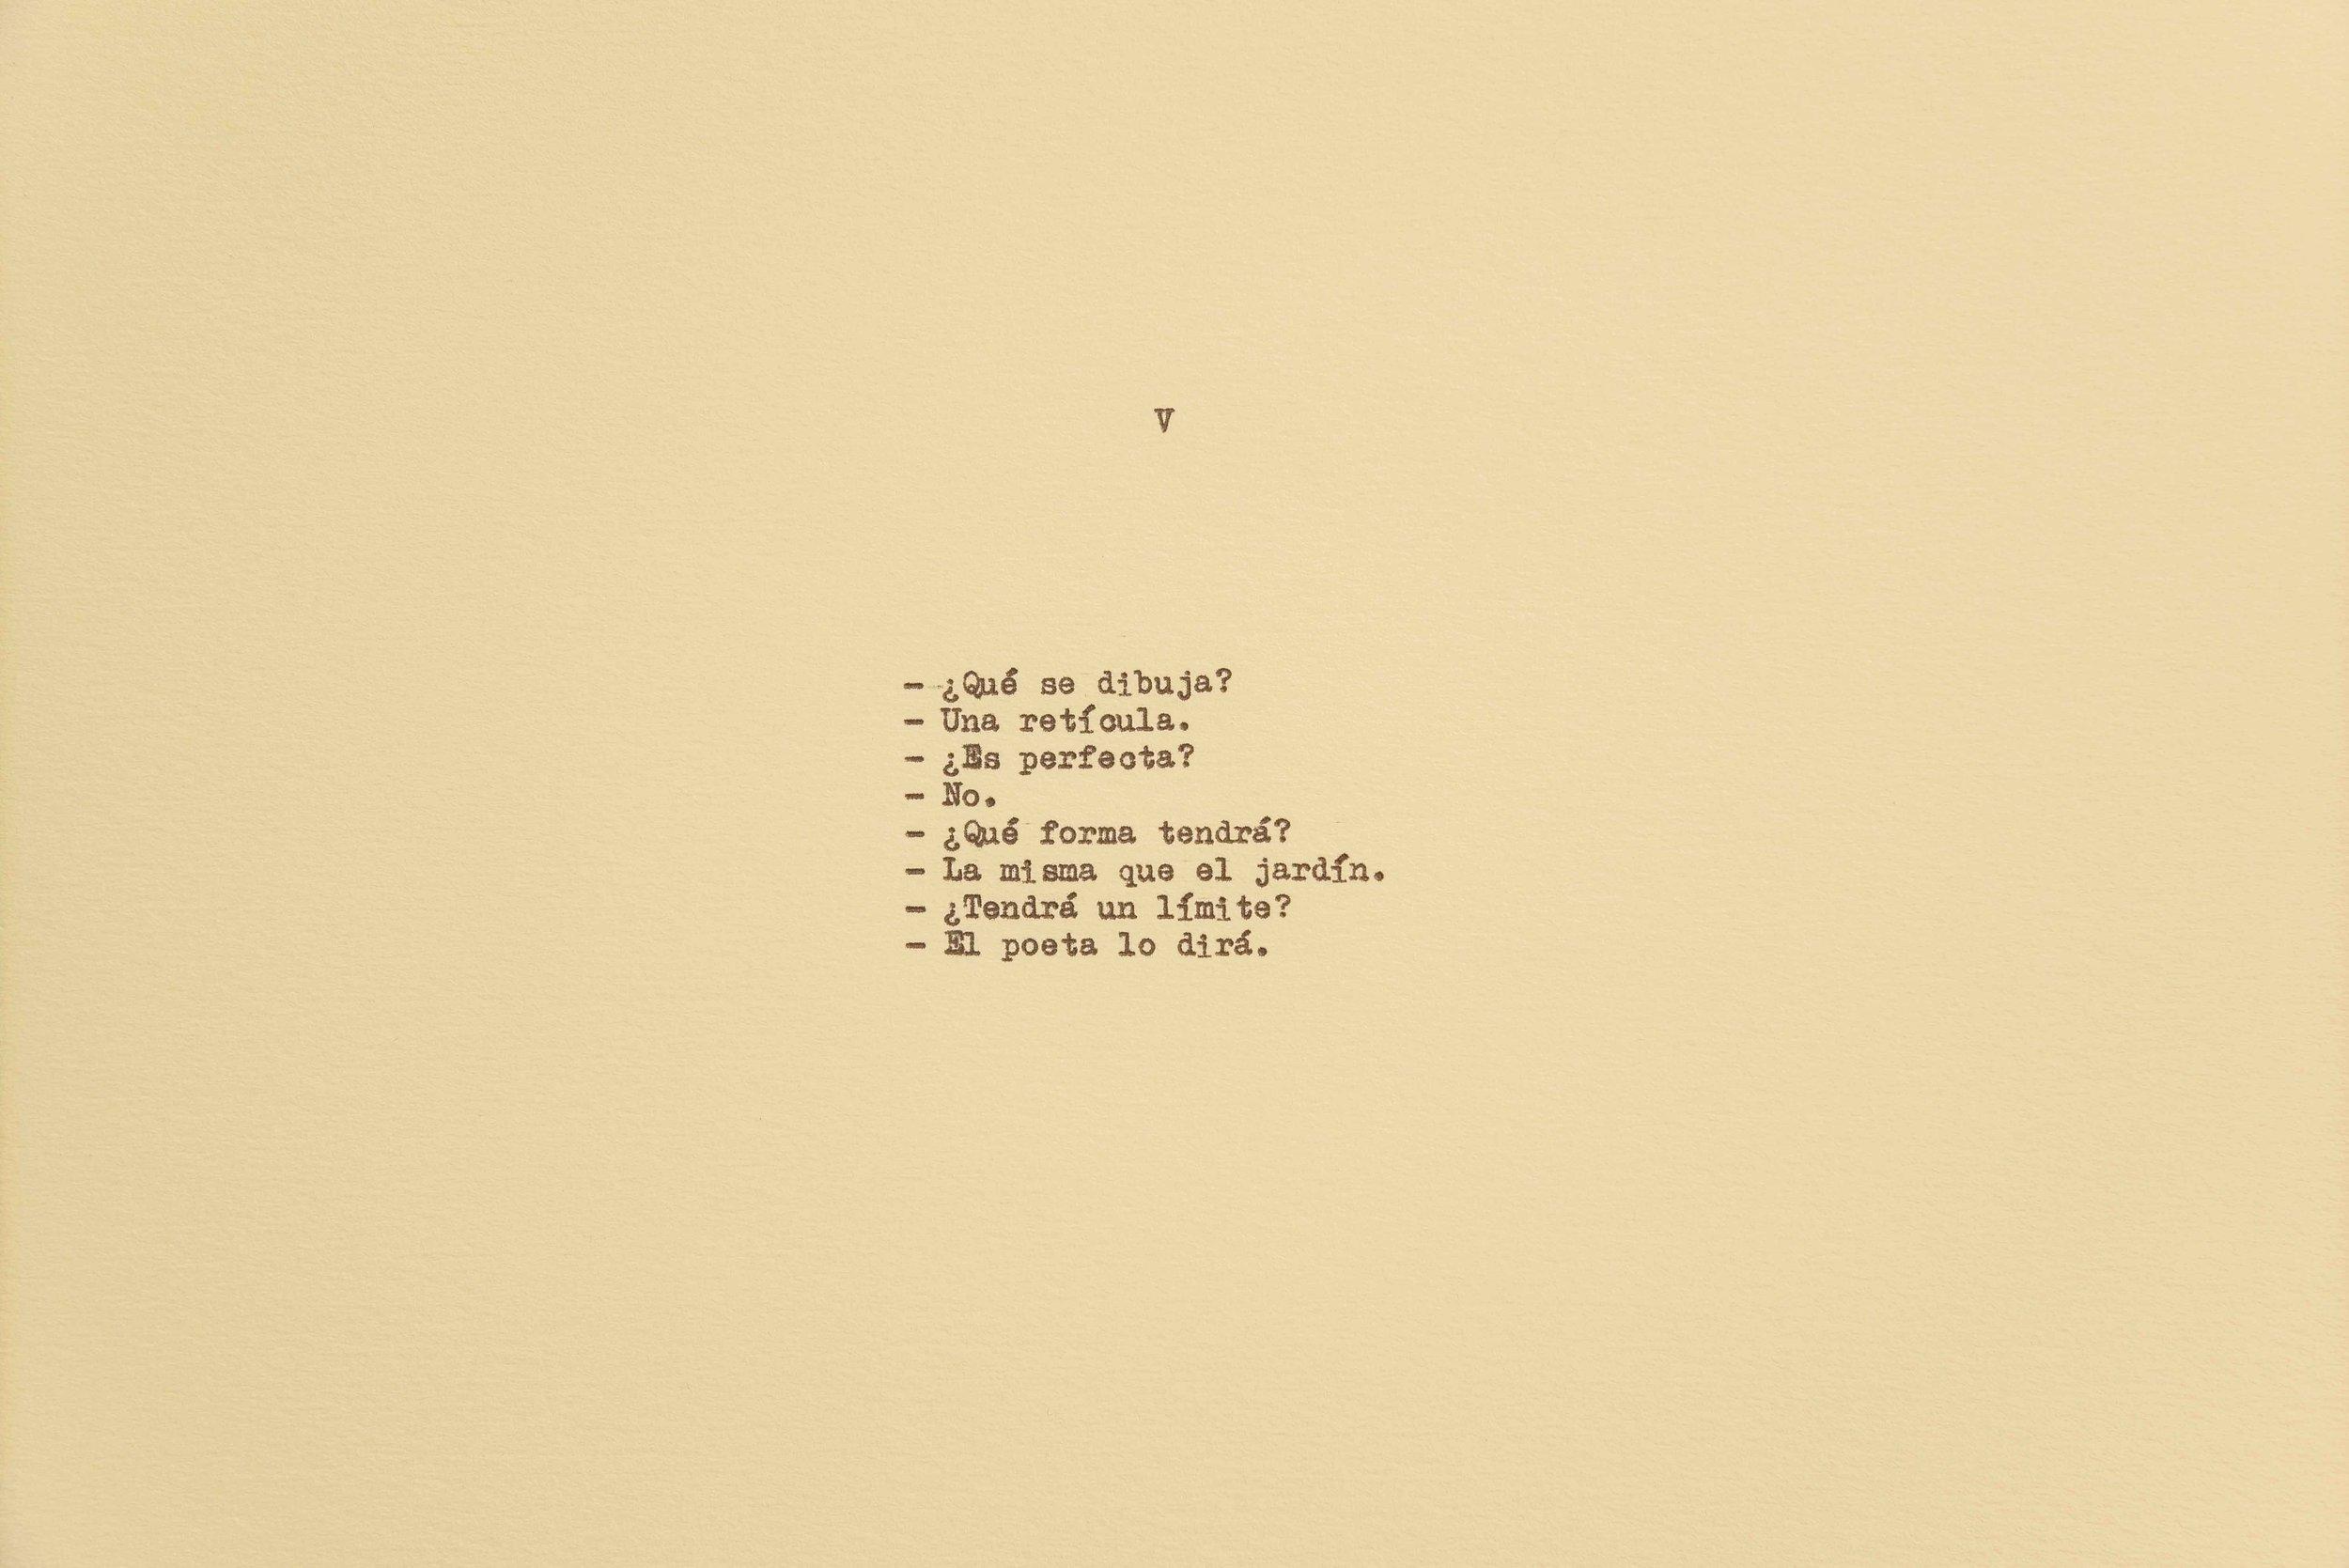 Diálogo sobre un poeta, una manzana y una retícula (Parte uno) I / Dialogue about a Poet, an Apple. and a Grid (Part one) I, 2018  Tinta sobre papel / Ink on paper  Políptico de 10 piezas de 37.5 cm x 27.5 cm / 10 piece polyptych, 37.5 cm x 27.5 cm each  Detalle / Detail      Fotografía: Agustín Arce    Fotografía: Agustín Arce